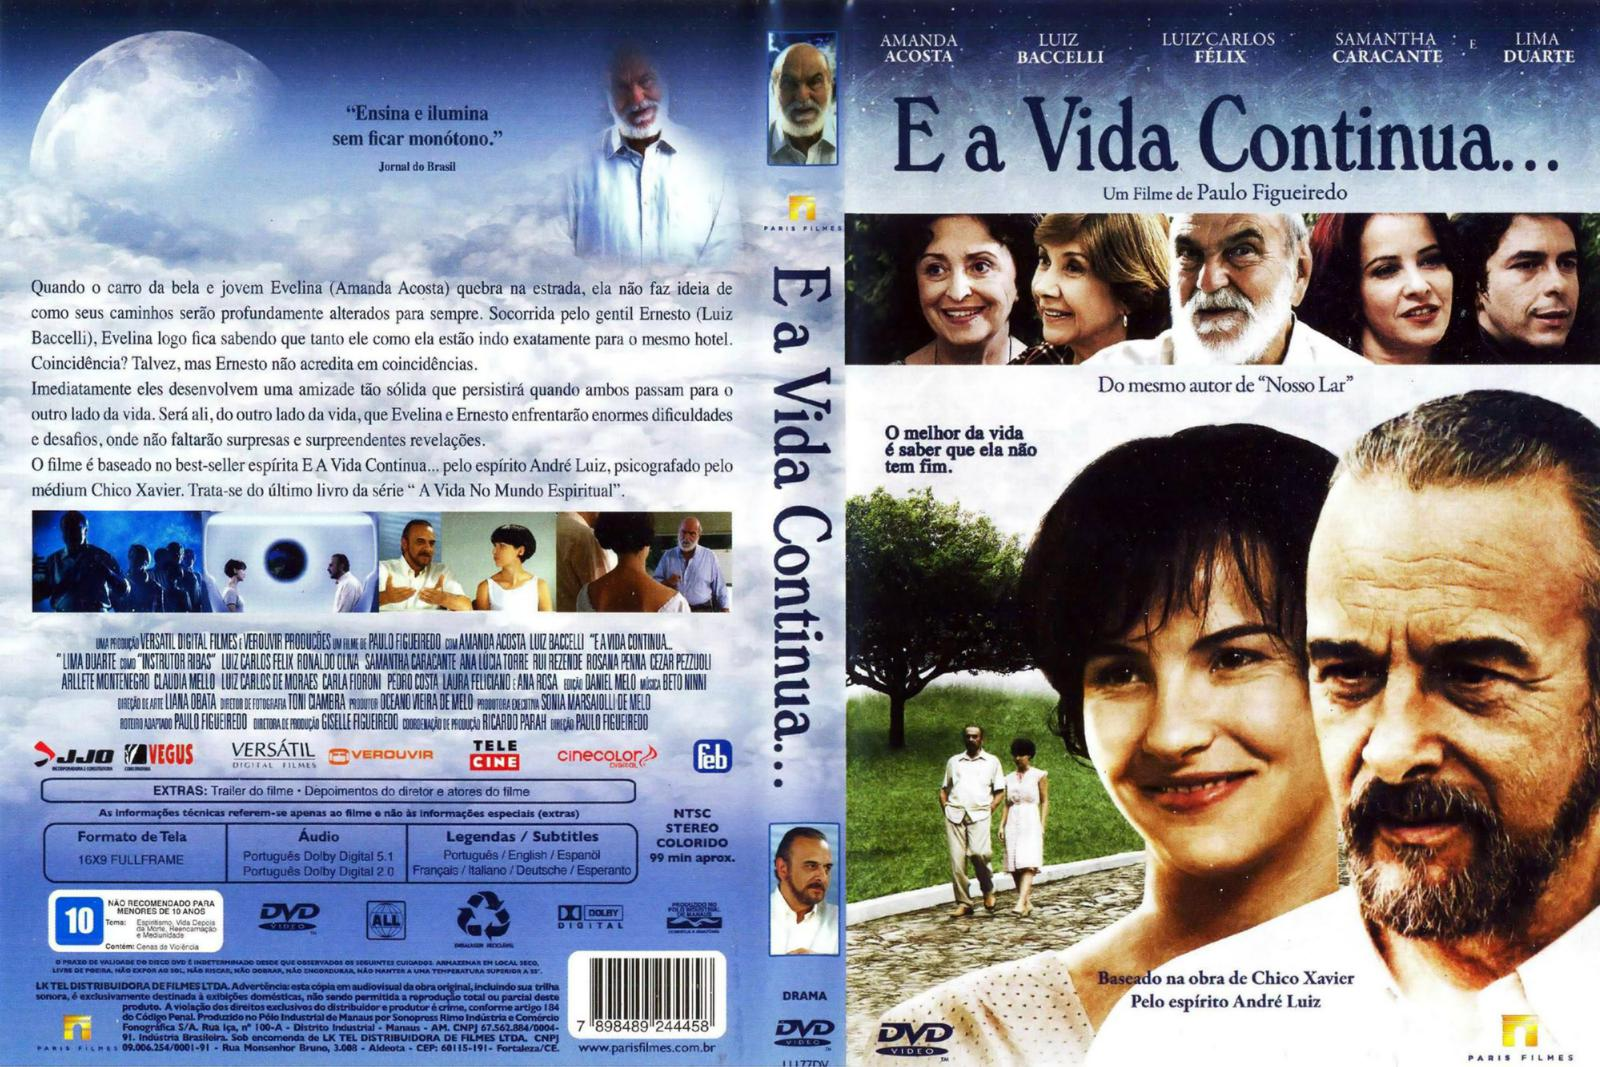 XAVIER BAIXAR VIDA CHICO E A FILME CONTINUA DE